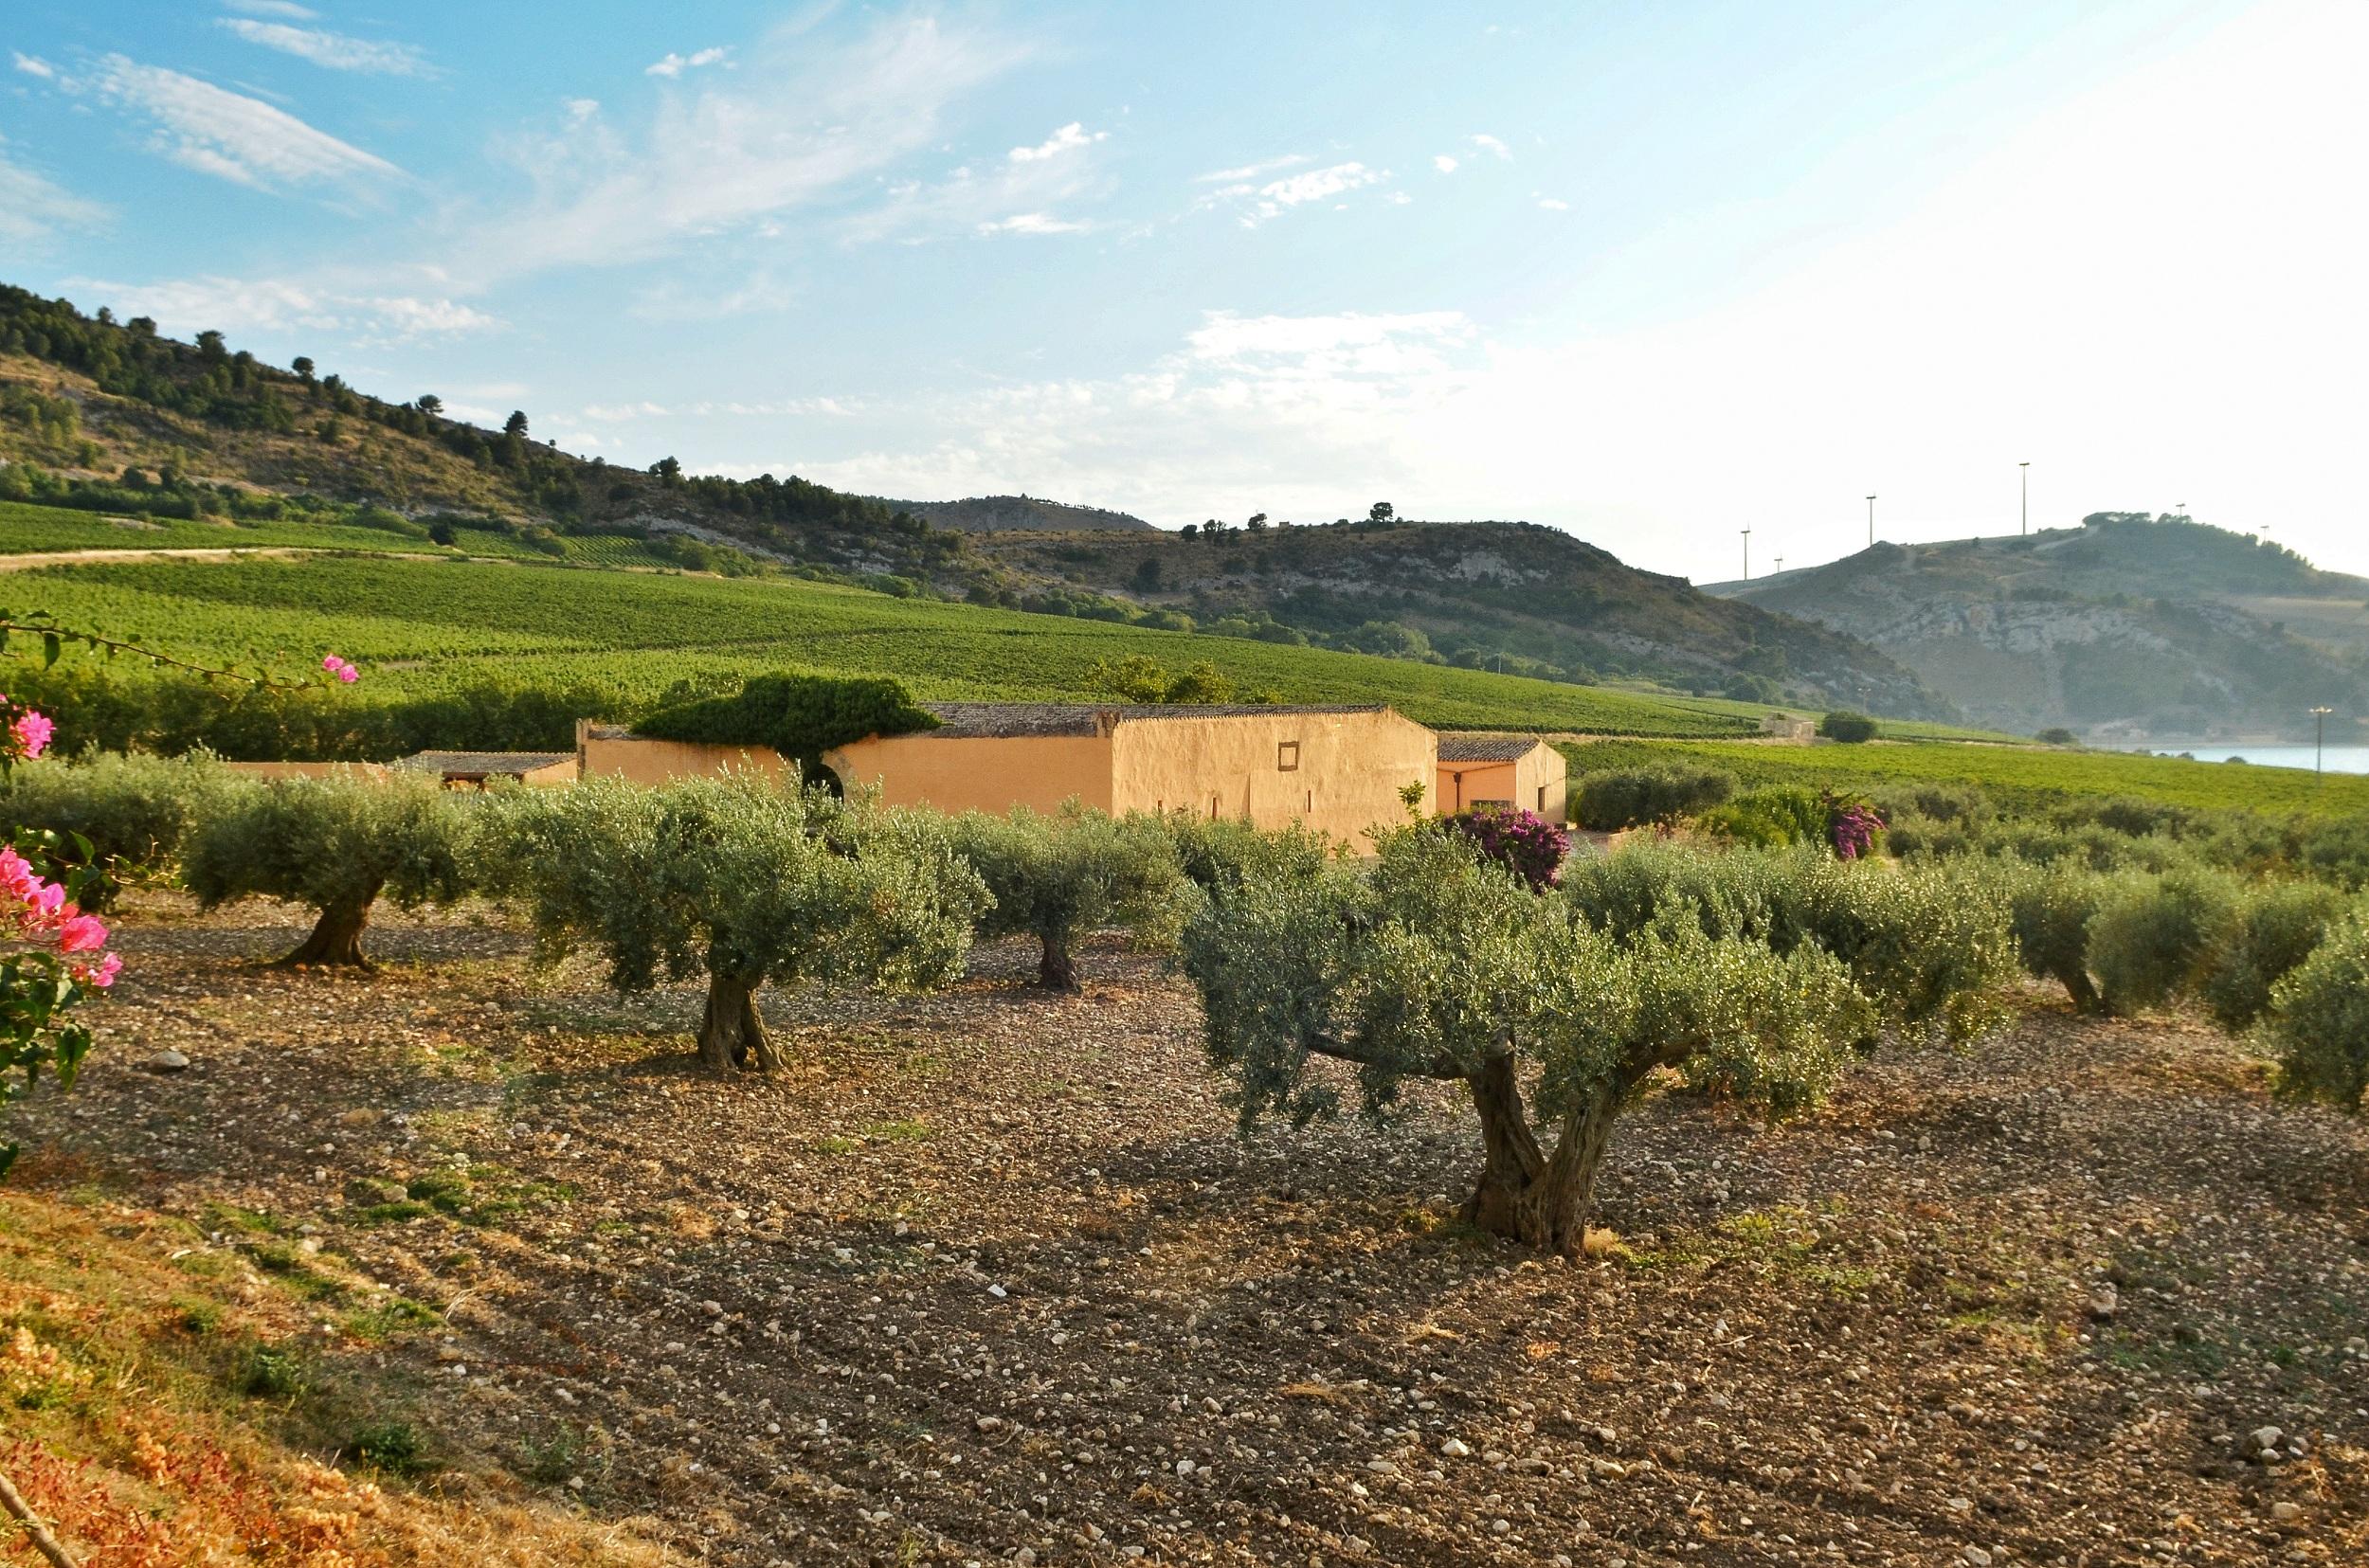 Situata vicino a Sambuca di Sicilia, paese di origine araba sulle sponde del Lago Arancio, la tenuta dell'Ulmo è la prima di Planeta, inaugurata nel 1995.